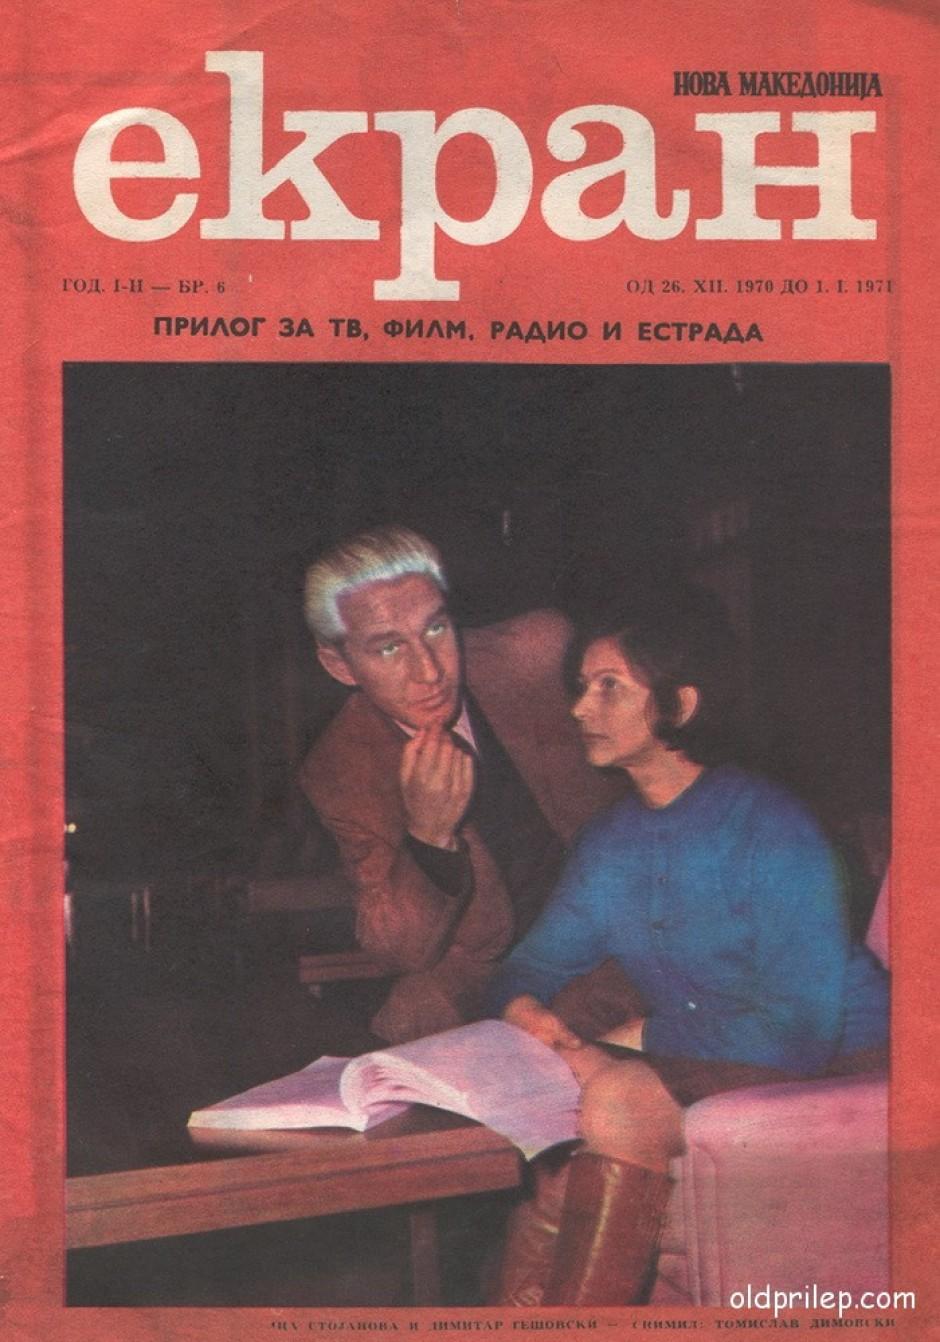 """Декември 1970: Димитар Гешоски и Милица Стојанова во """"Екран"""""""